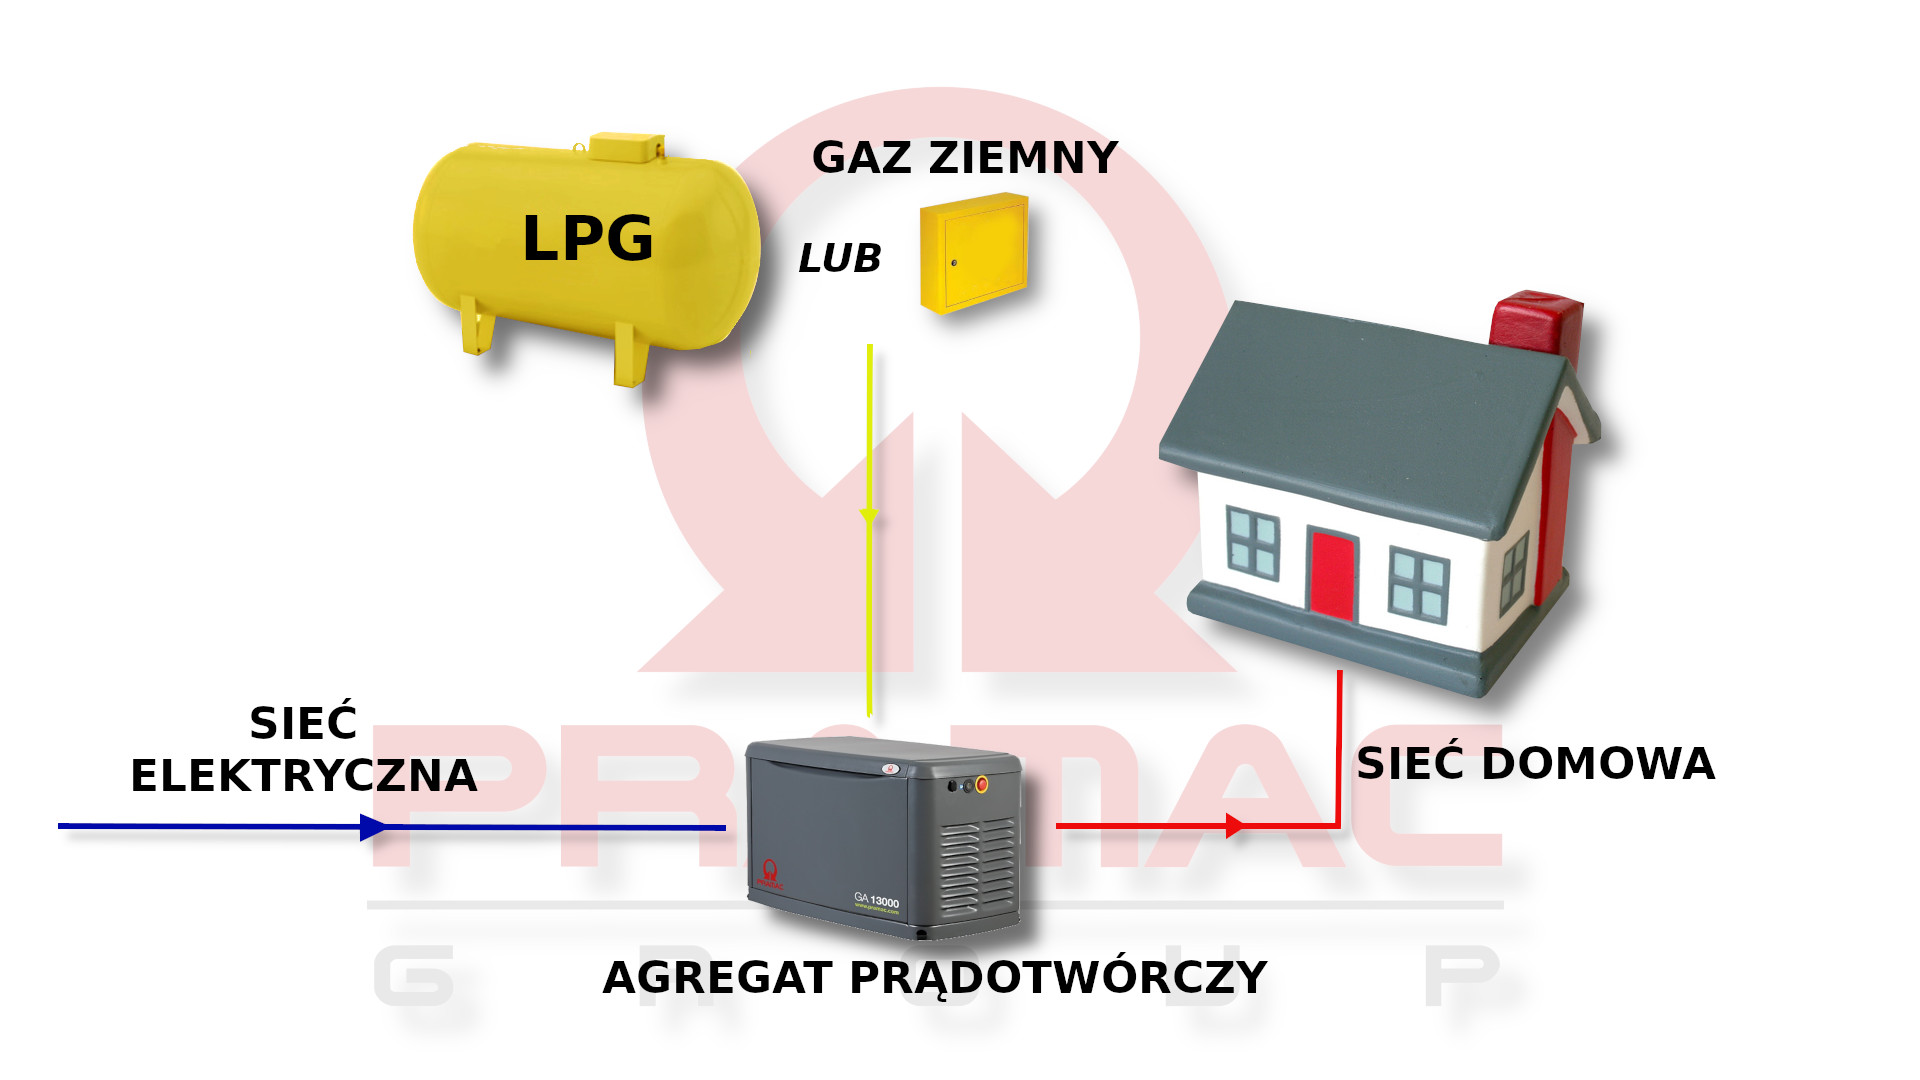 podłączenie agregatu do sieci domowej